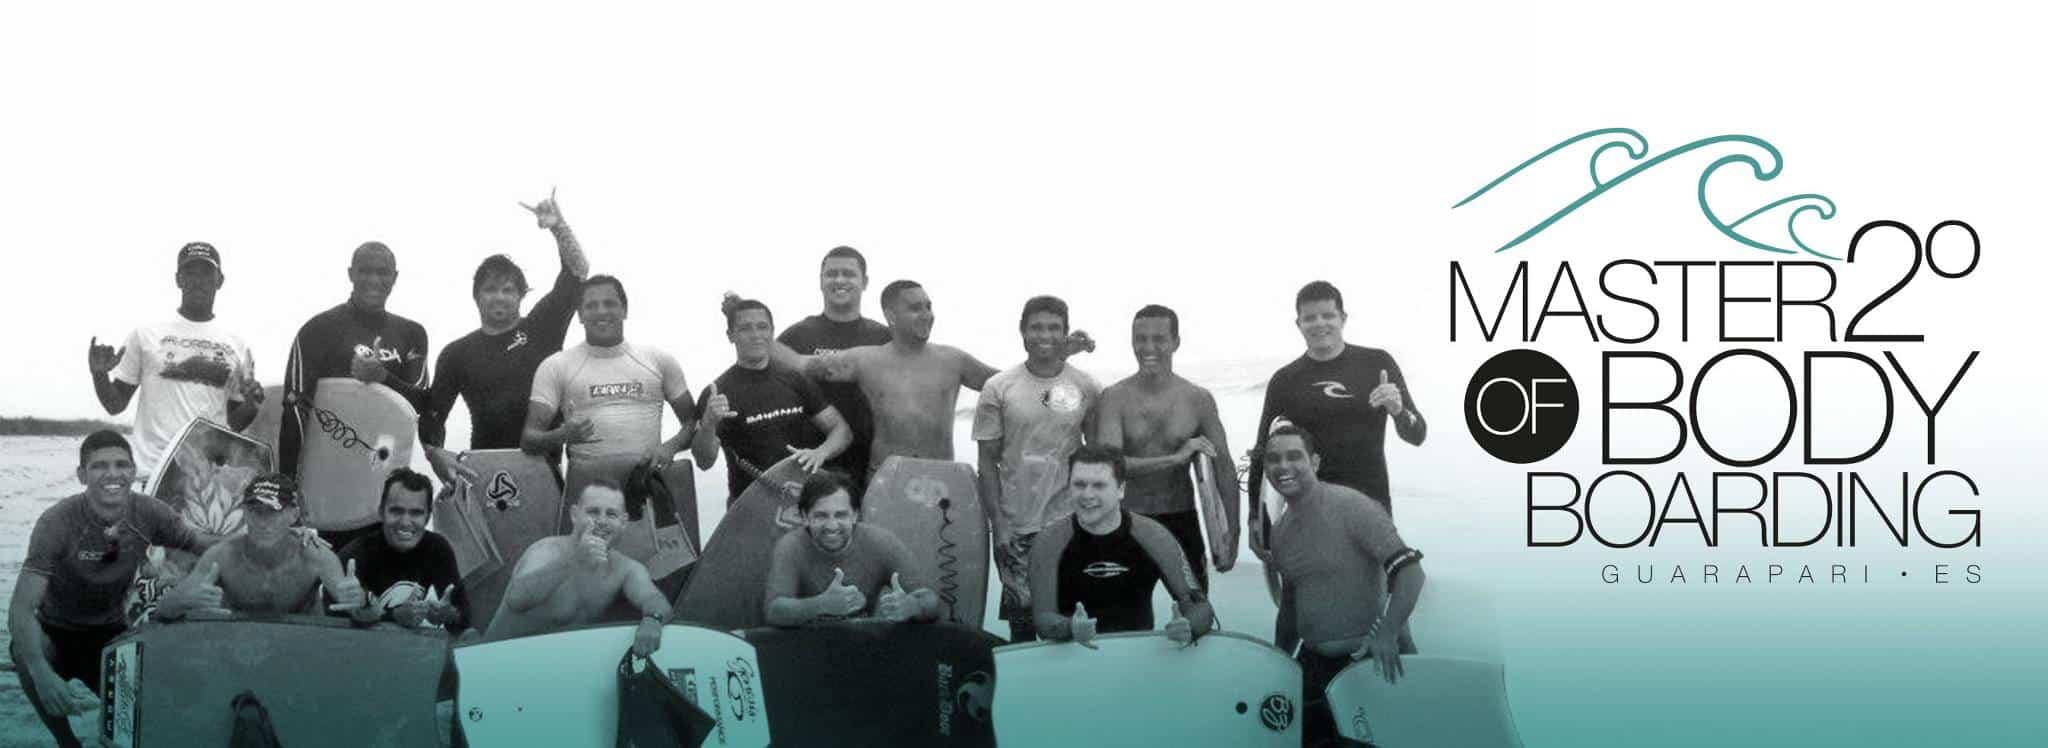 Os bodyboarders e amantes do surfe que já passaram um pouco da idade vão se reunir. Foto: Divulgação.